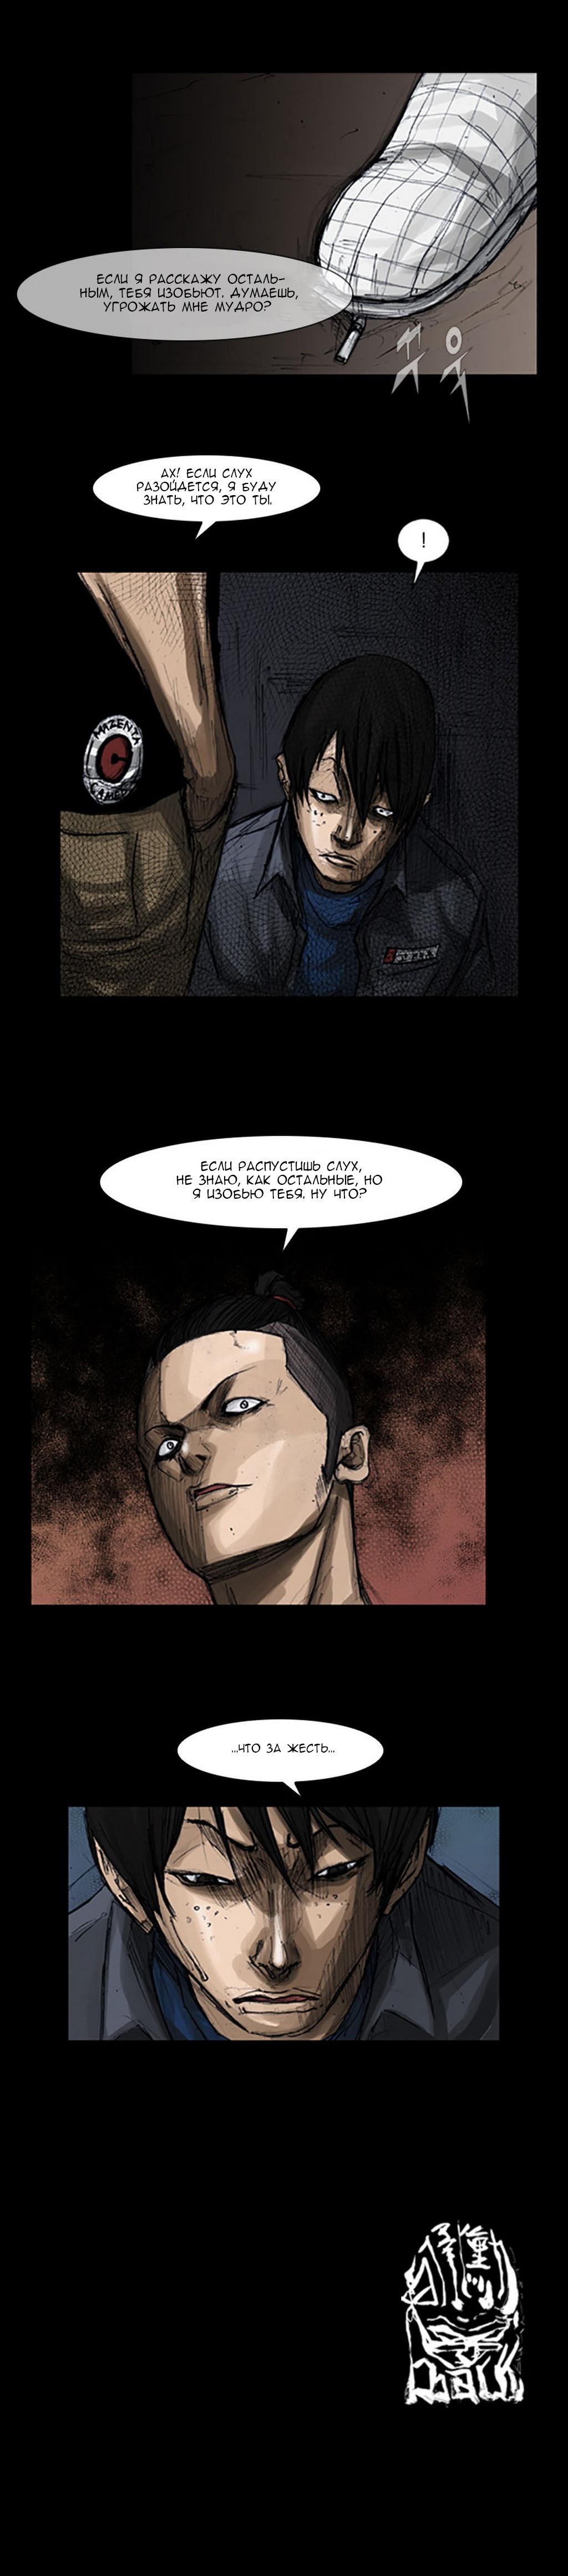 Манга Токко / Dokgo - Том 1 Глава 6 Страница 16